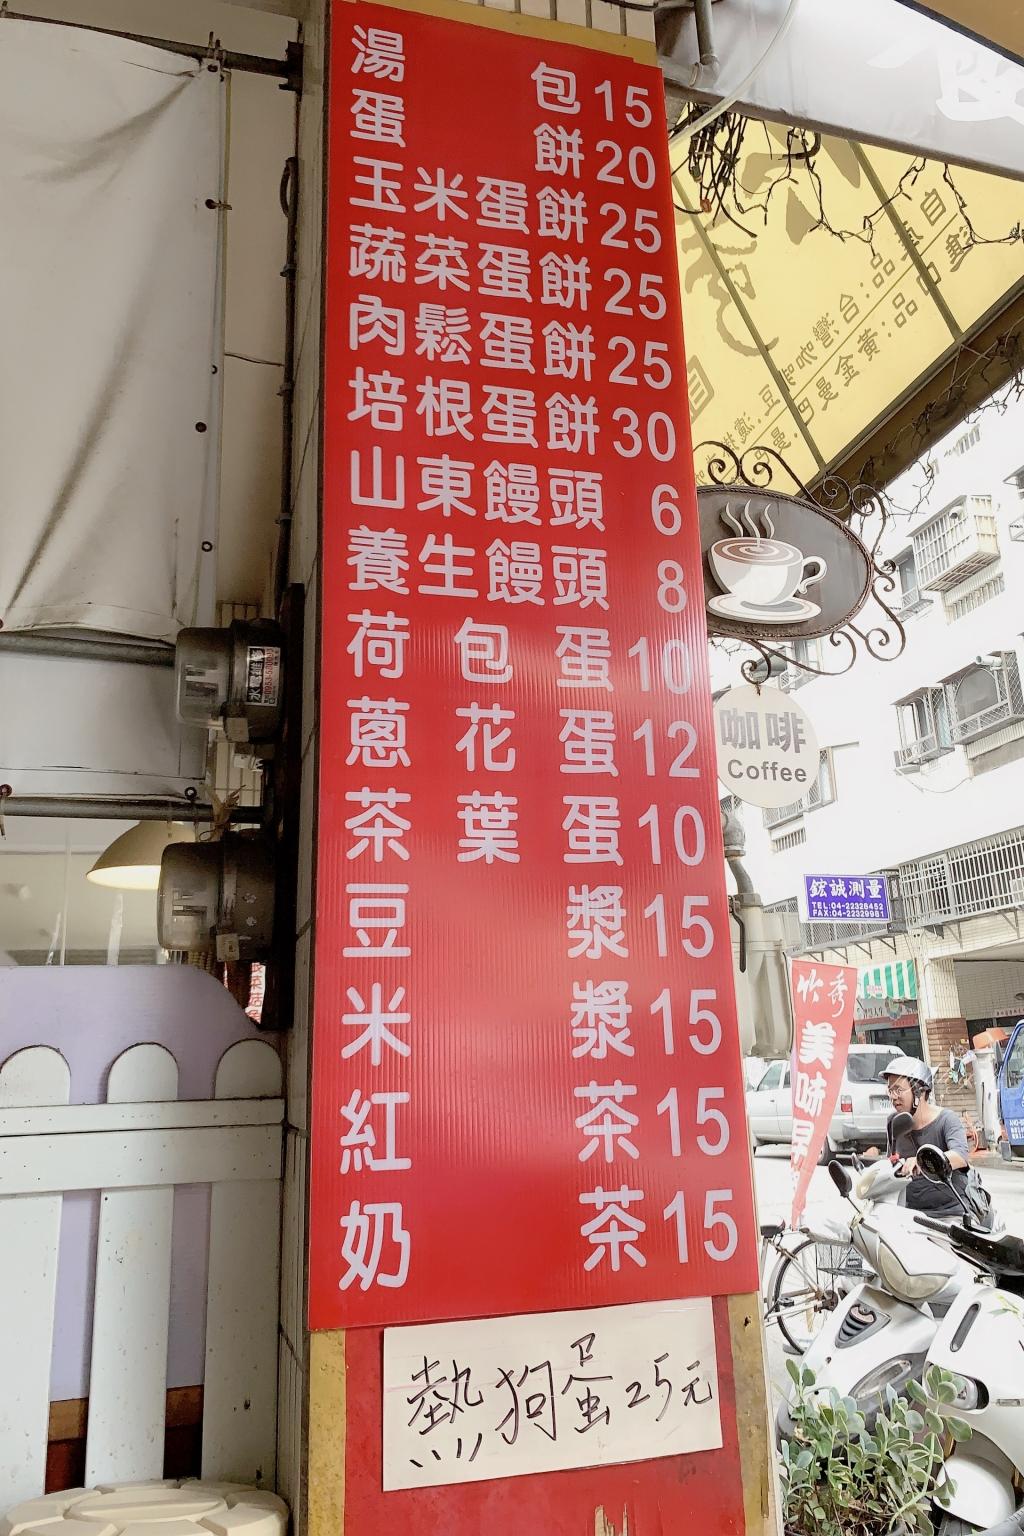 孫湯包:Google評價4.7顆星,在地30幾年的老店 @飛天璇的口袋